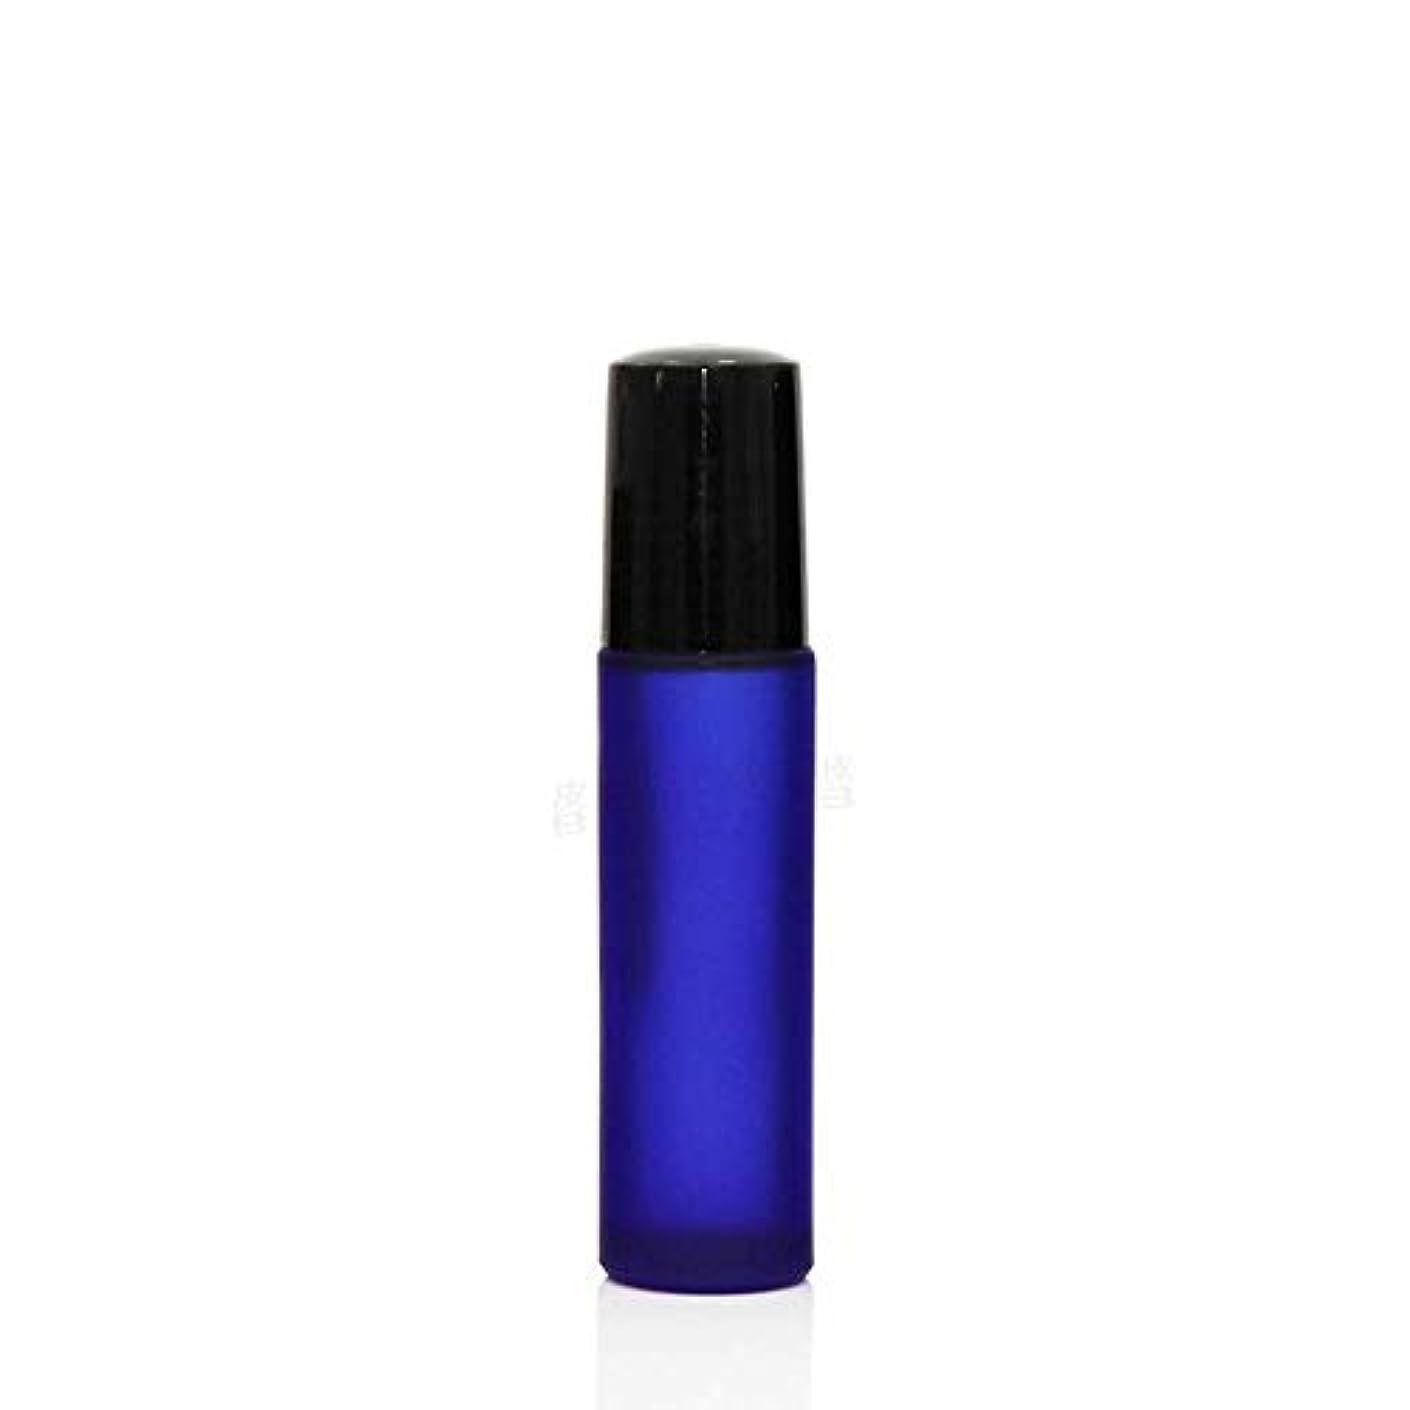 挑発する小人誘惑Simg ロールオンボトル アロマオイル 精油 小分け用 遮光瓶 10ml 10本セット ガラスロールタイプ (ブルー)